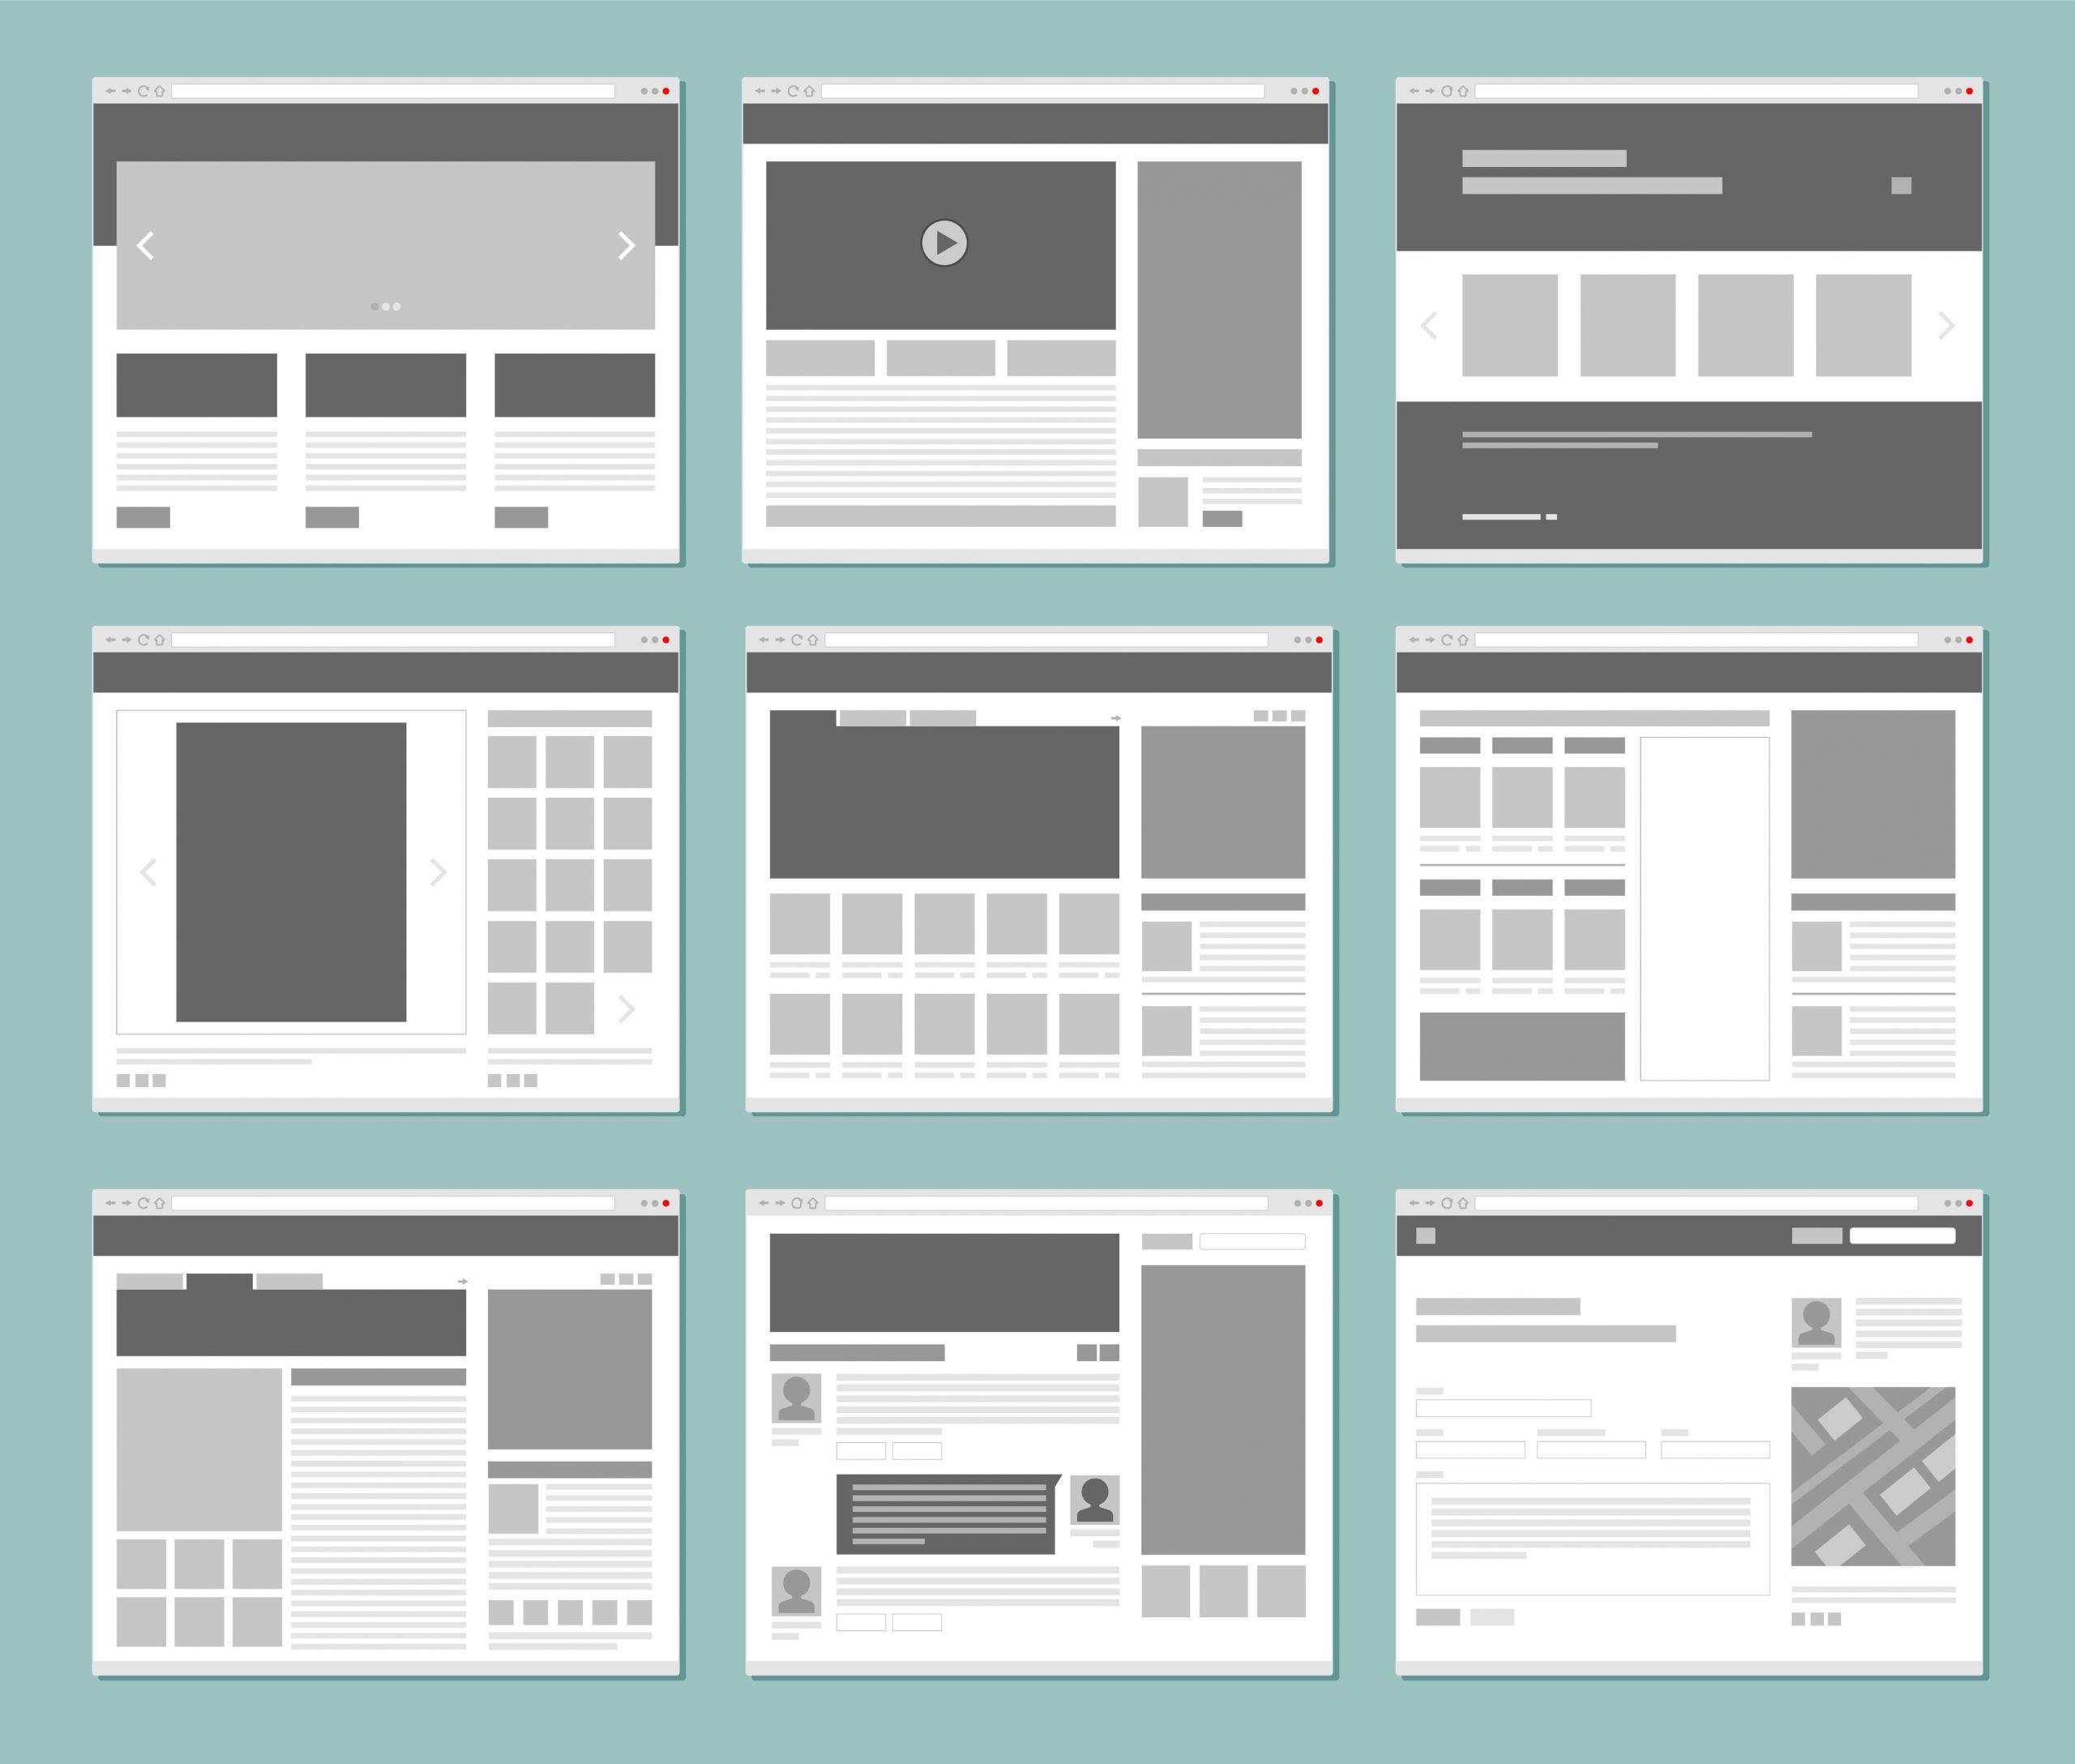 arquitectura de la informacion web - dani bocardo